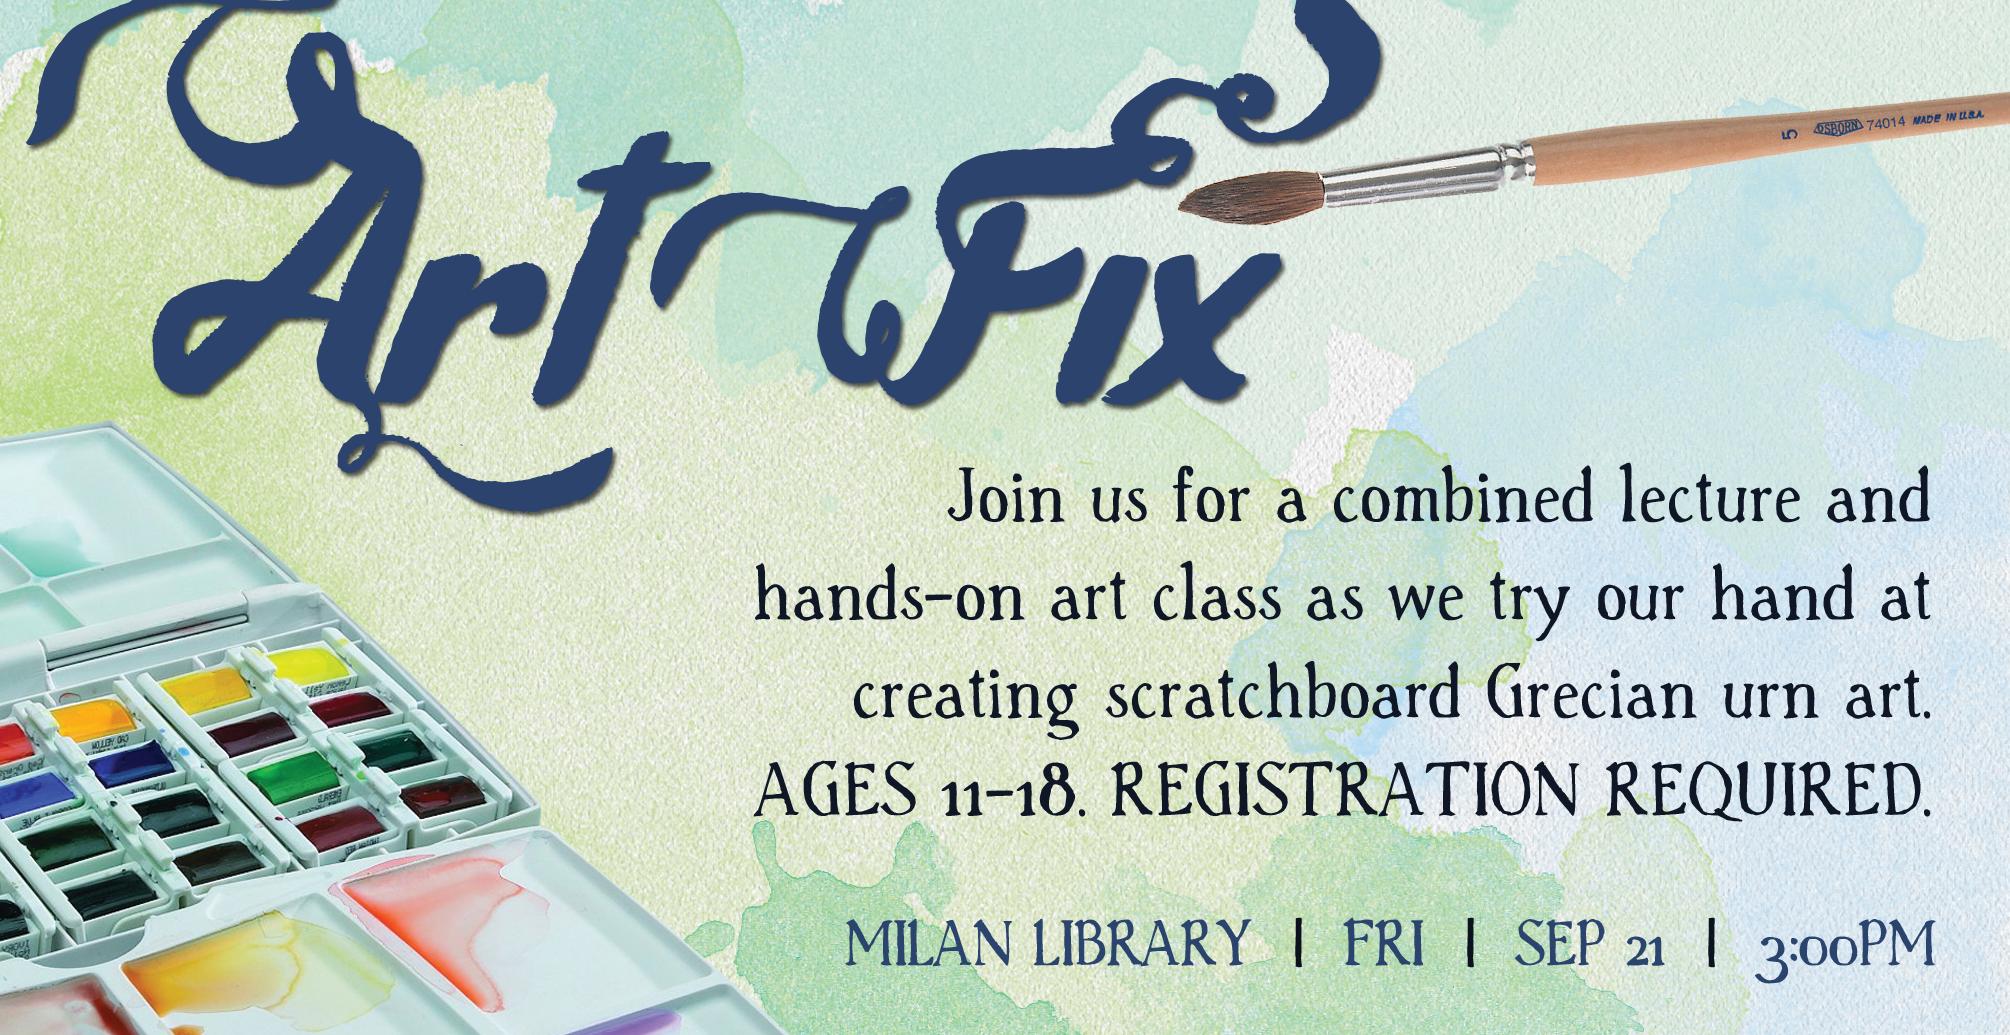 2018-09-LIBRARY-Milan-Art-Fix-Grecian-Urns-Slide